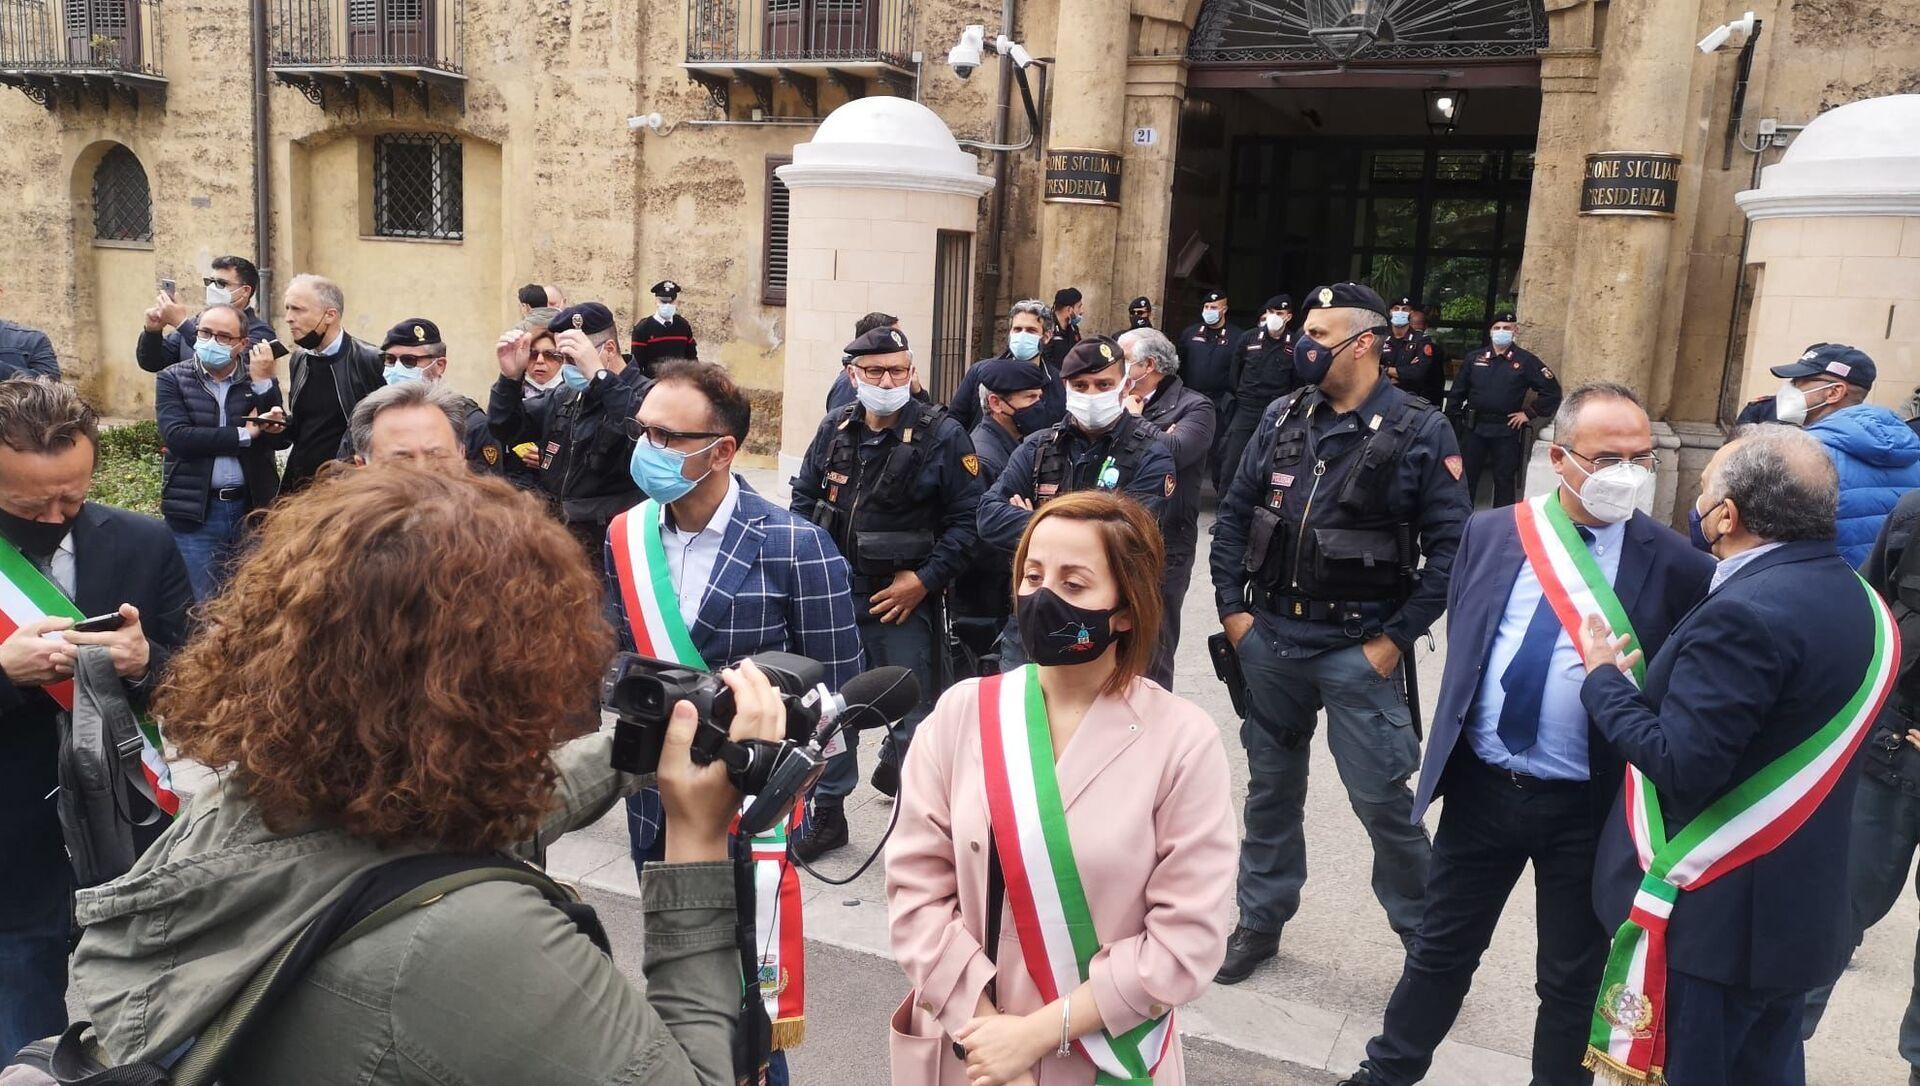 Sindaci al presidio dei lavoratori Blutec di Termini Imerese davanti al palazzo della Regione a Palermo - Sputnik Italia, 1920, 04.05.2021